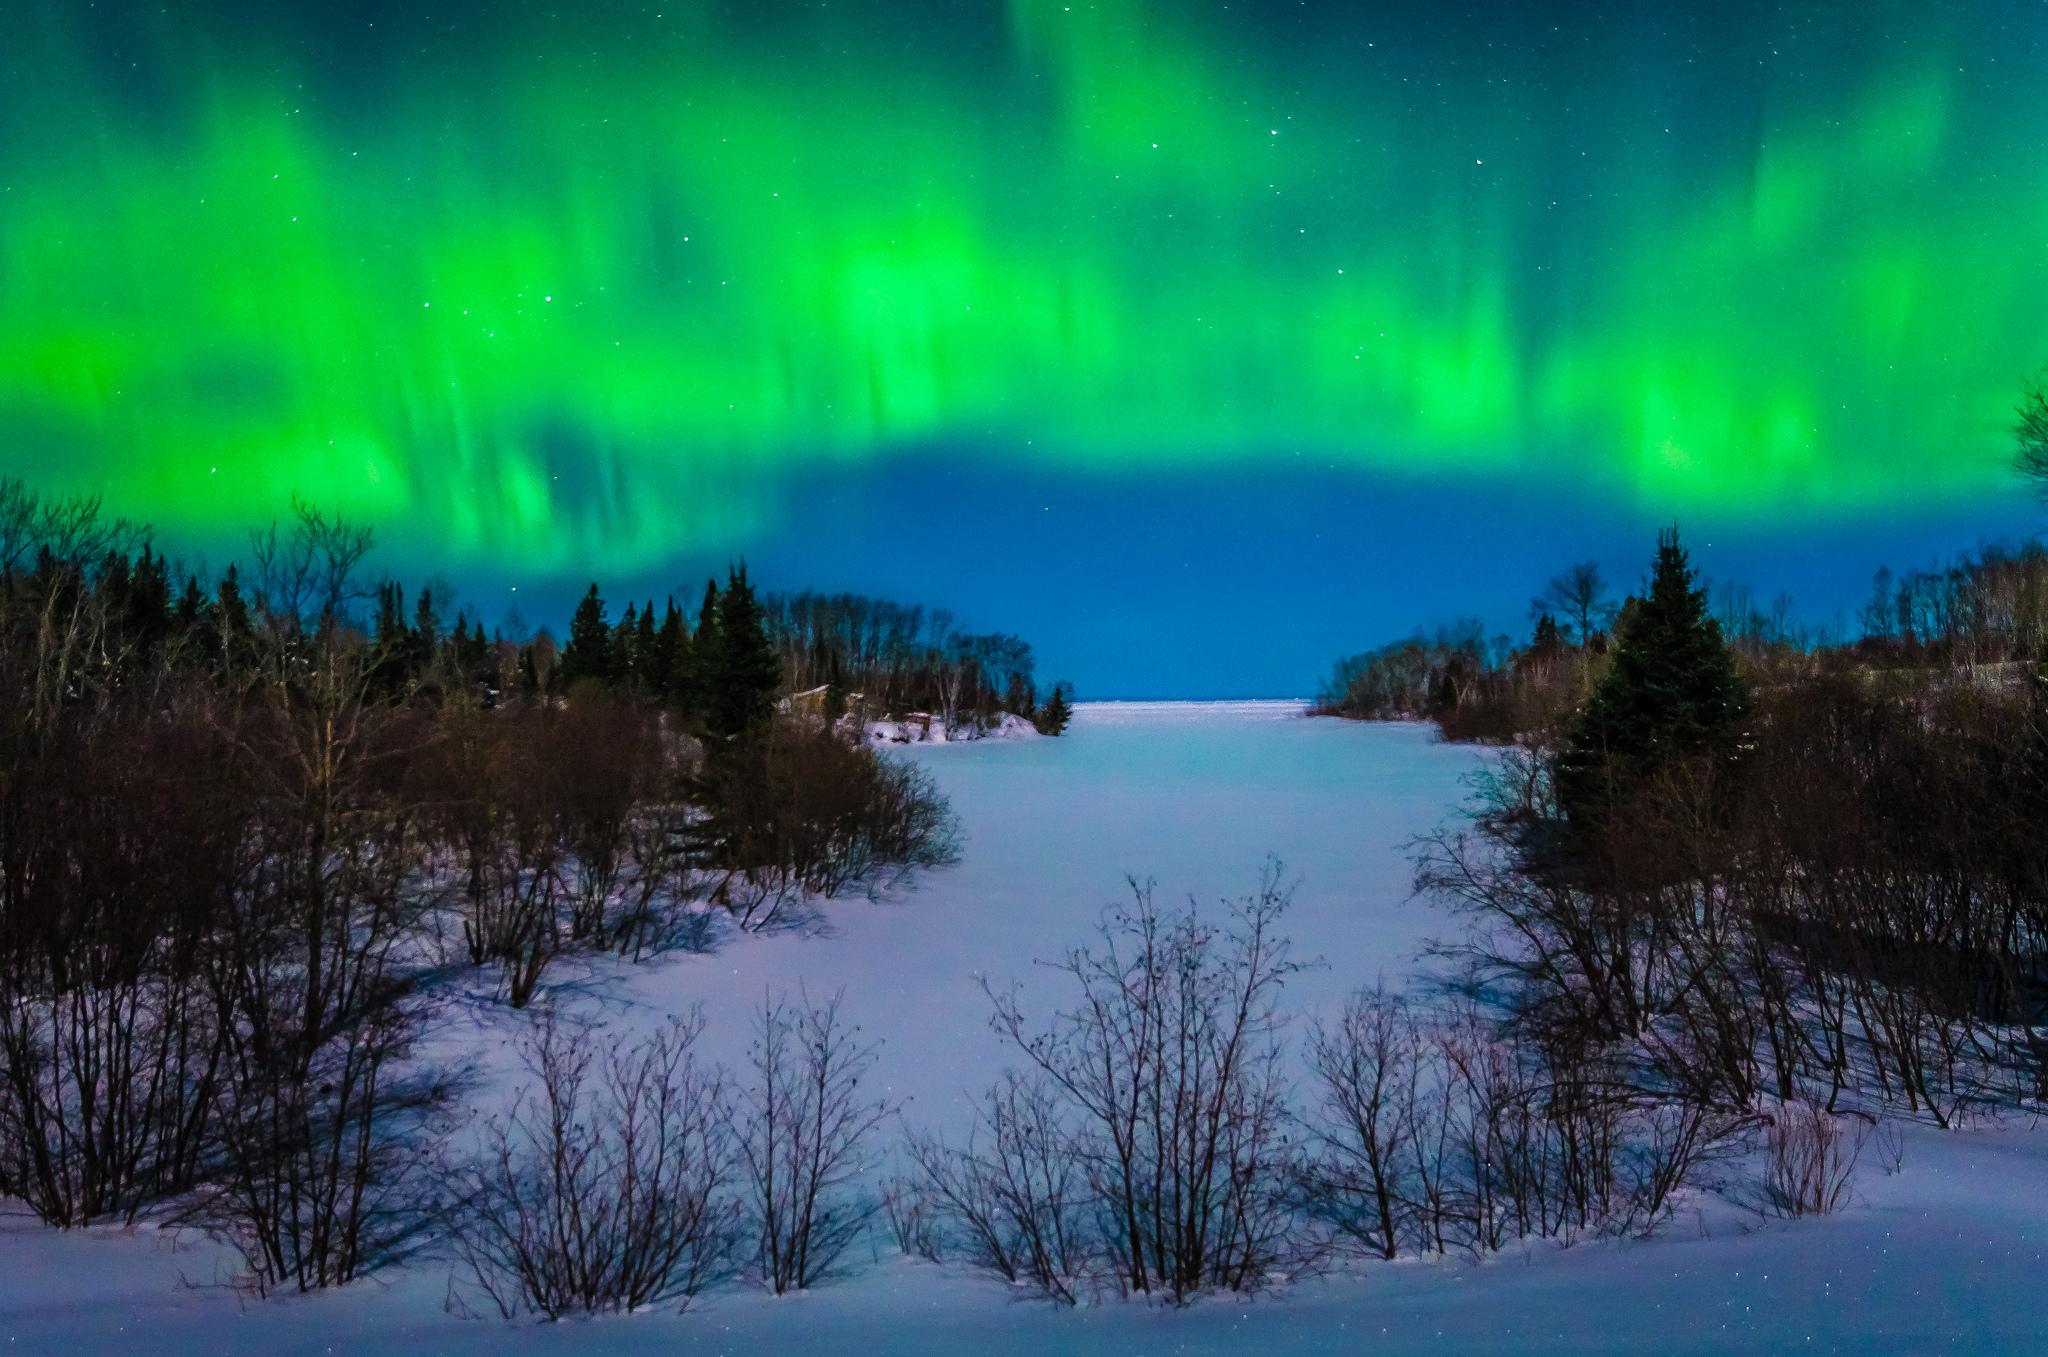 твой картинки северного сияния зимой такого объема